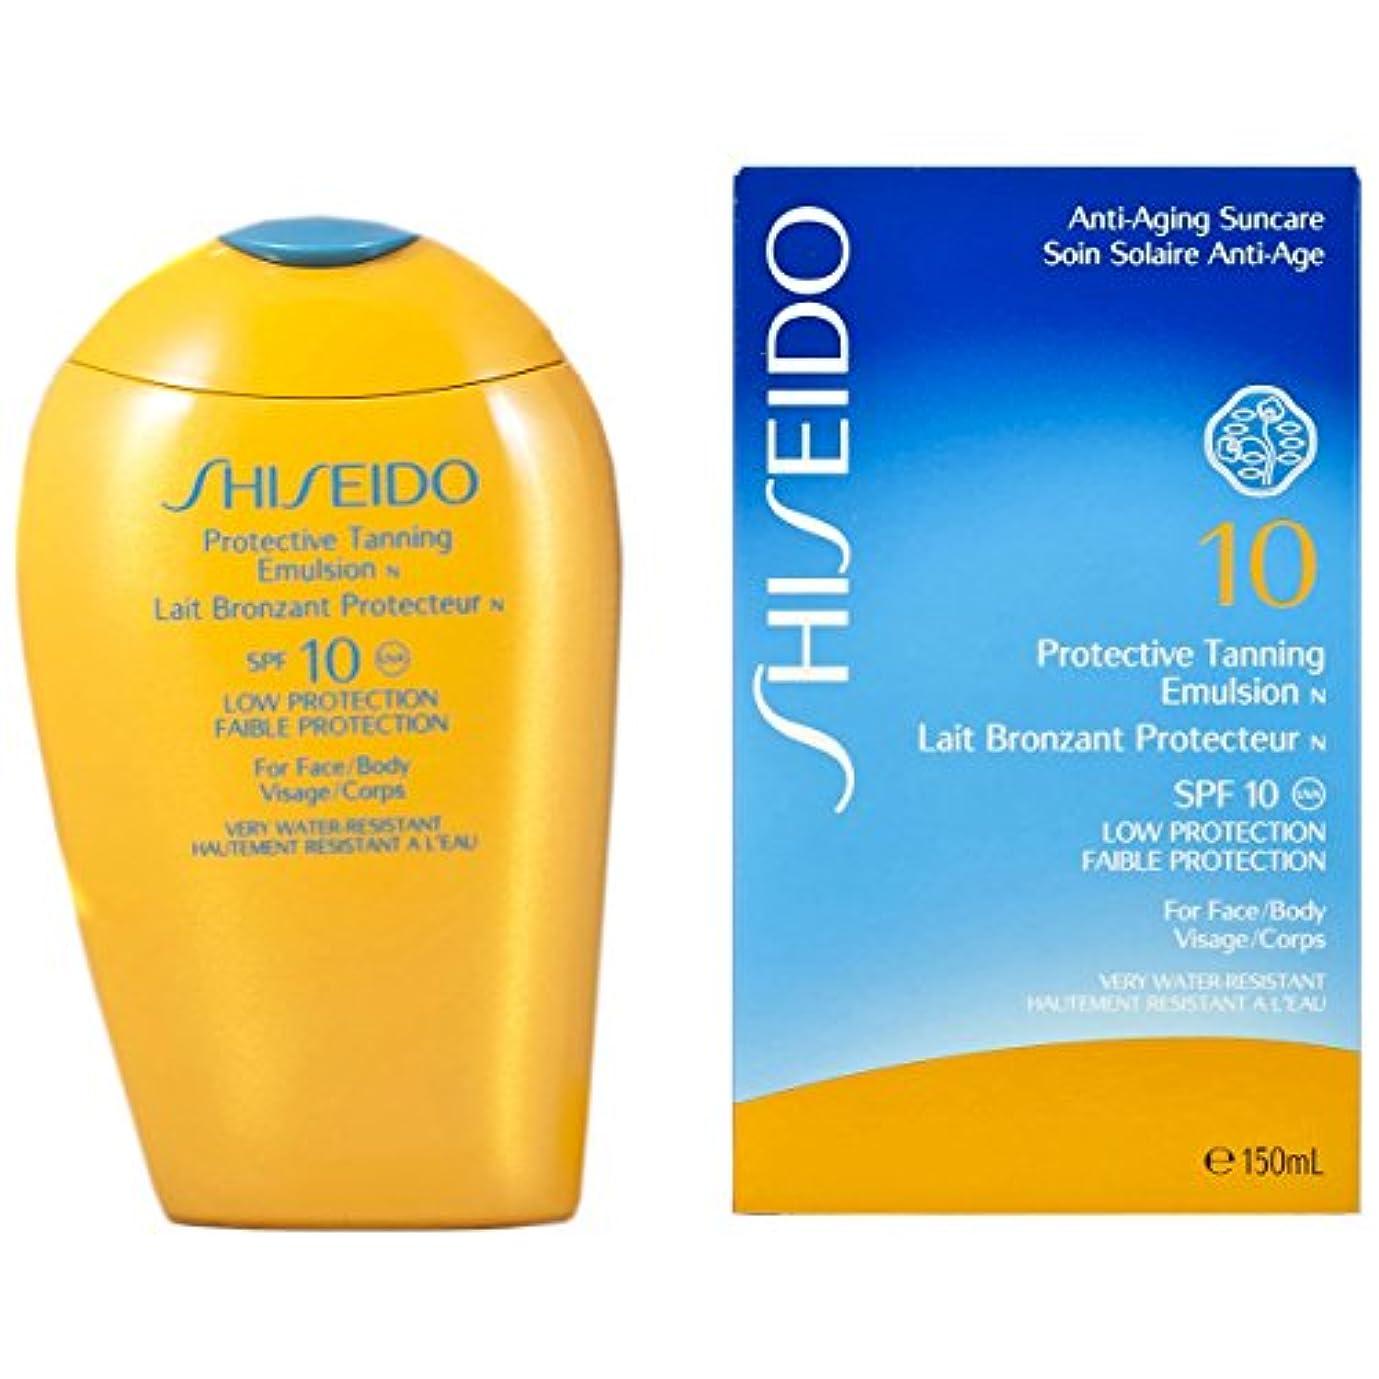 抑止する精神的に花に水をやる資生堂 Protective Tanning Emulsion N SPF 10 (For Face & Body) 150ml/5oz並行輸入品